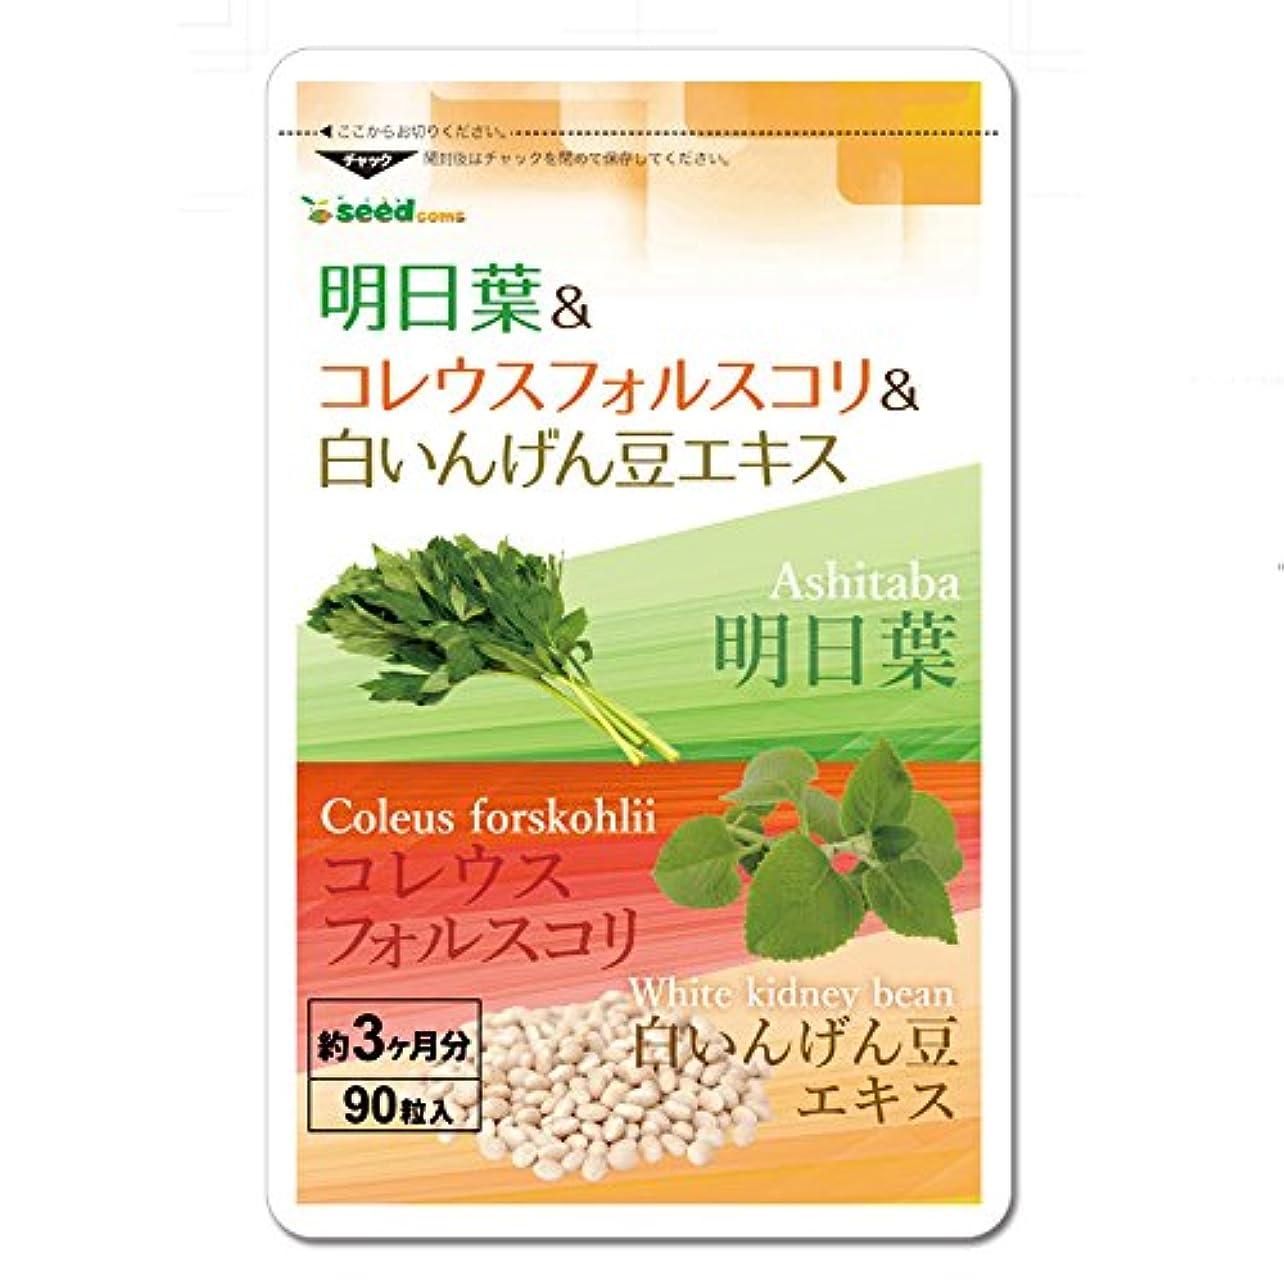 驚き選択する静的明日葉 & コレウスフォルスコリ & 白インゲン豆 エキス (約3ヶ月分/90粒) スッキリ&燃焼系&糖質バリアの3大ダイエット成分